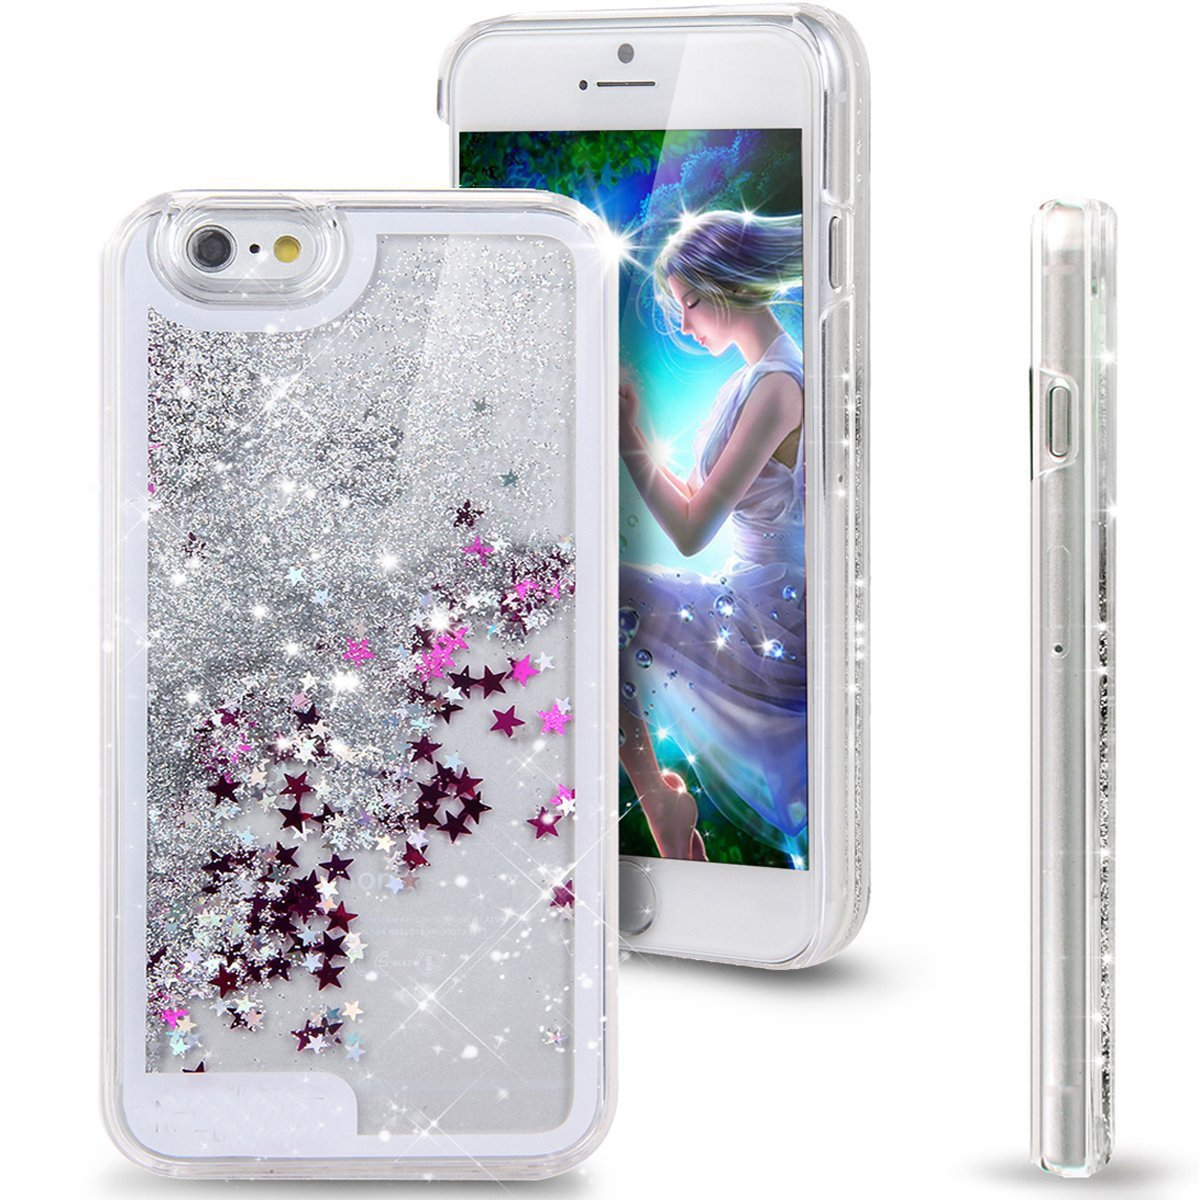 Amazoncom IPhone 6S 6iPhone 6S CaseiPhone 6S 6 Liquid Case